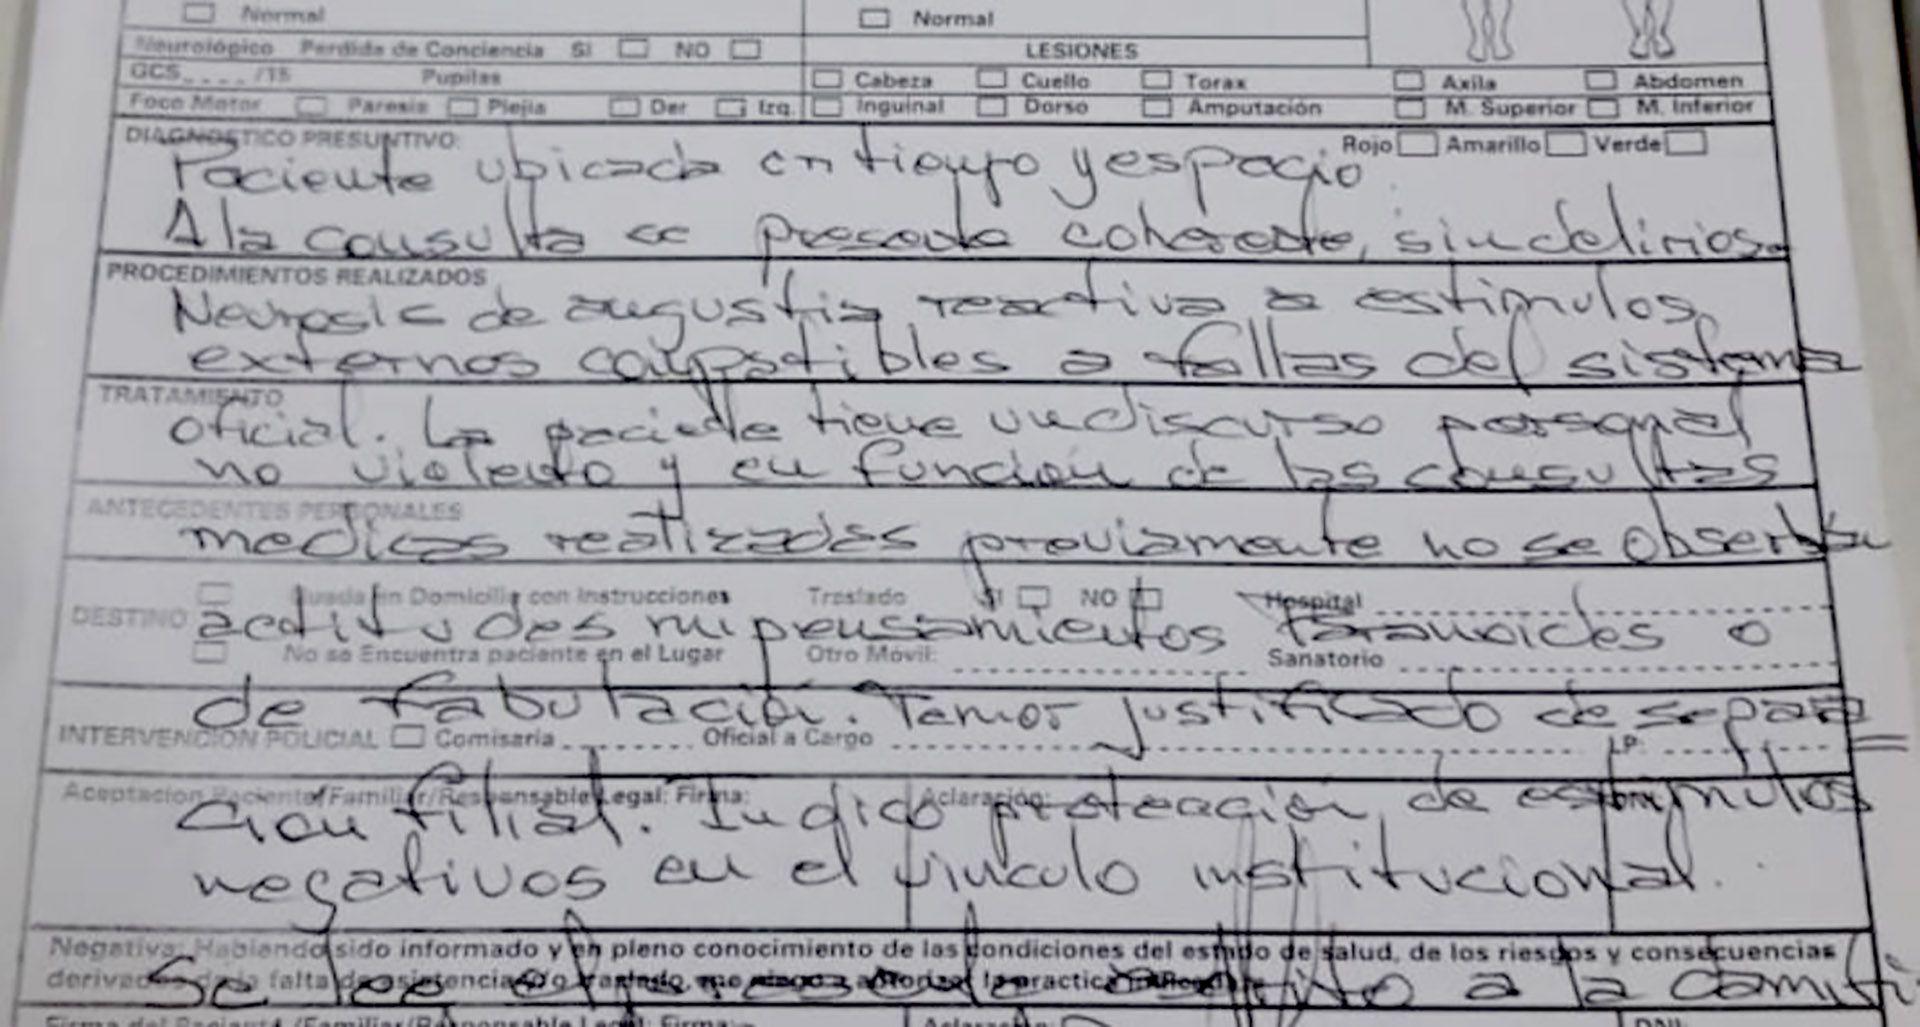 El informe prehospitalario de Miriam elaborado por el SAME.